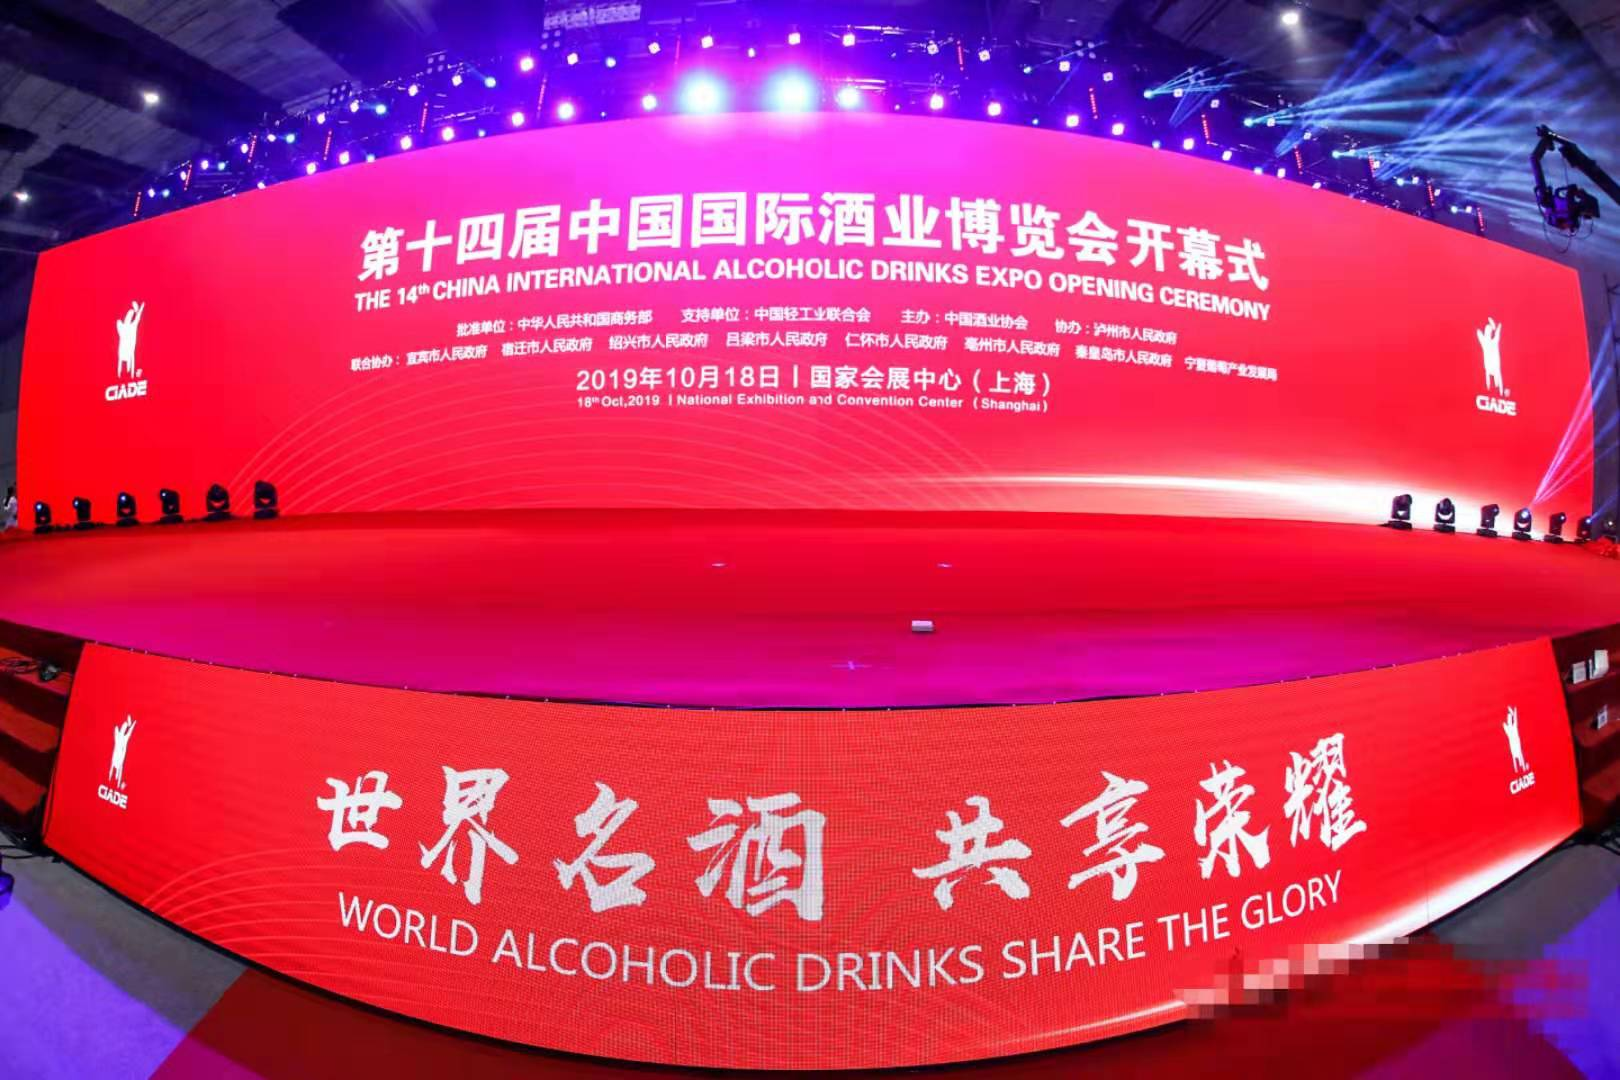 嘉士伯参展第十四届中国国际酒业博览会暨开展全国理性饮酒宣传周活动